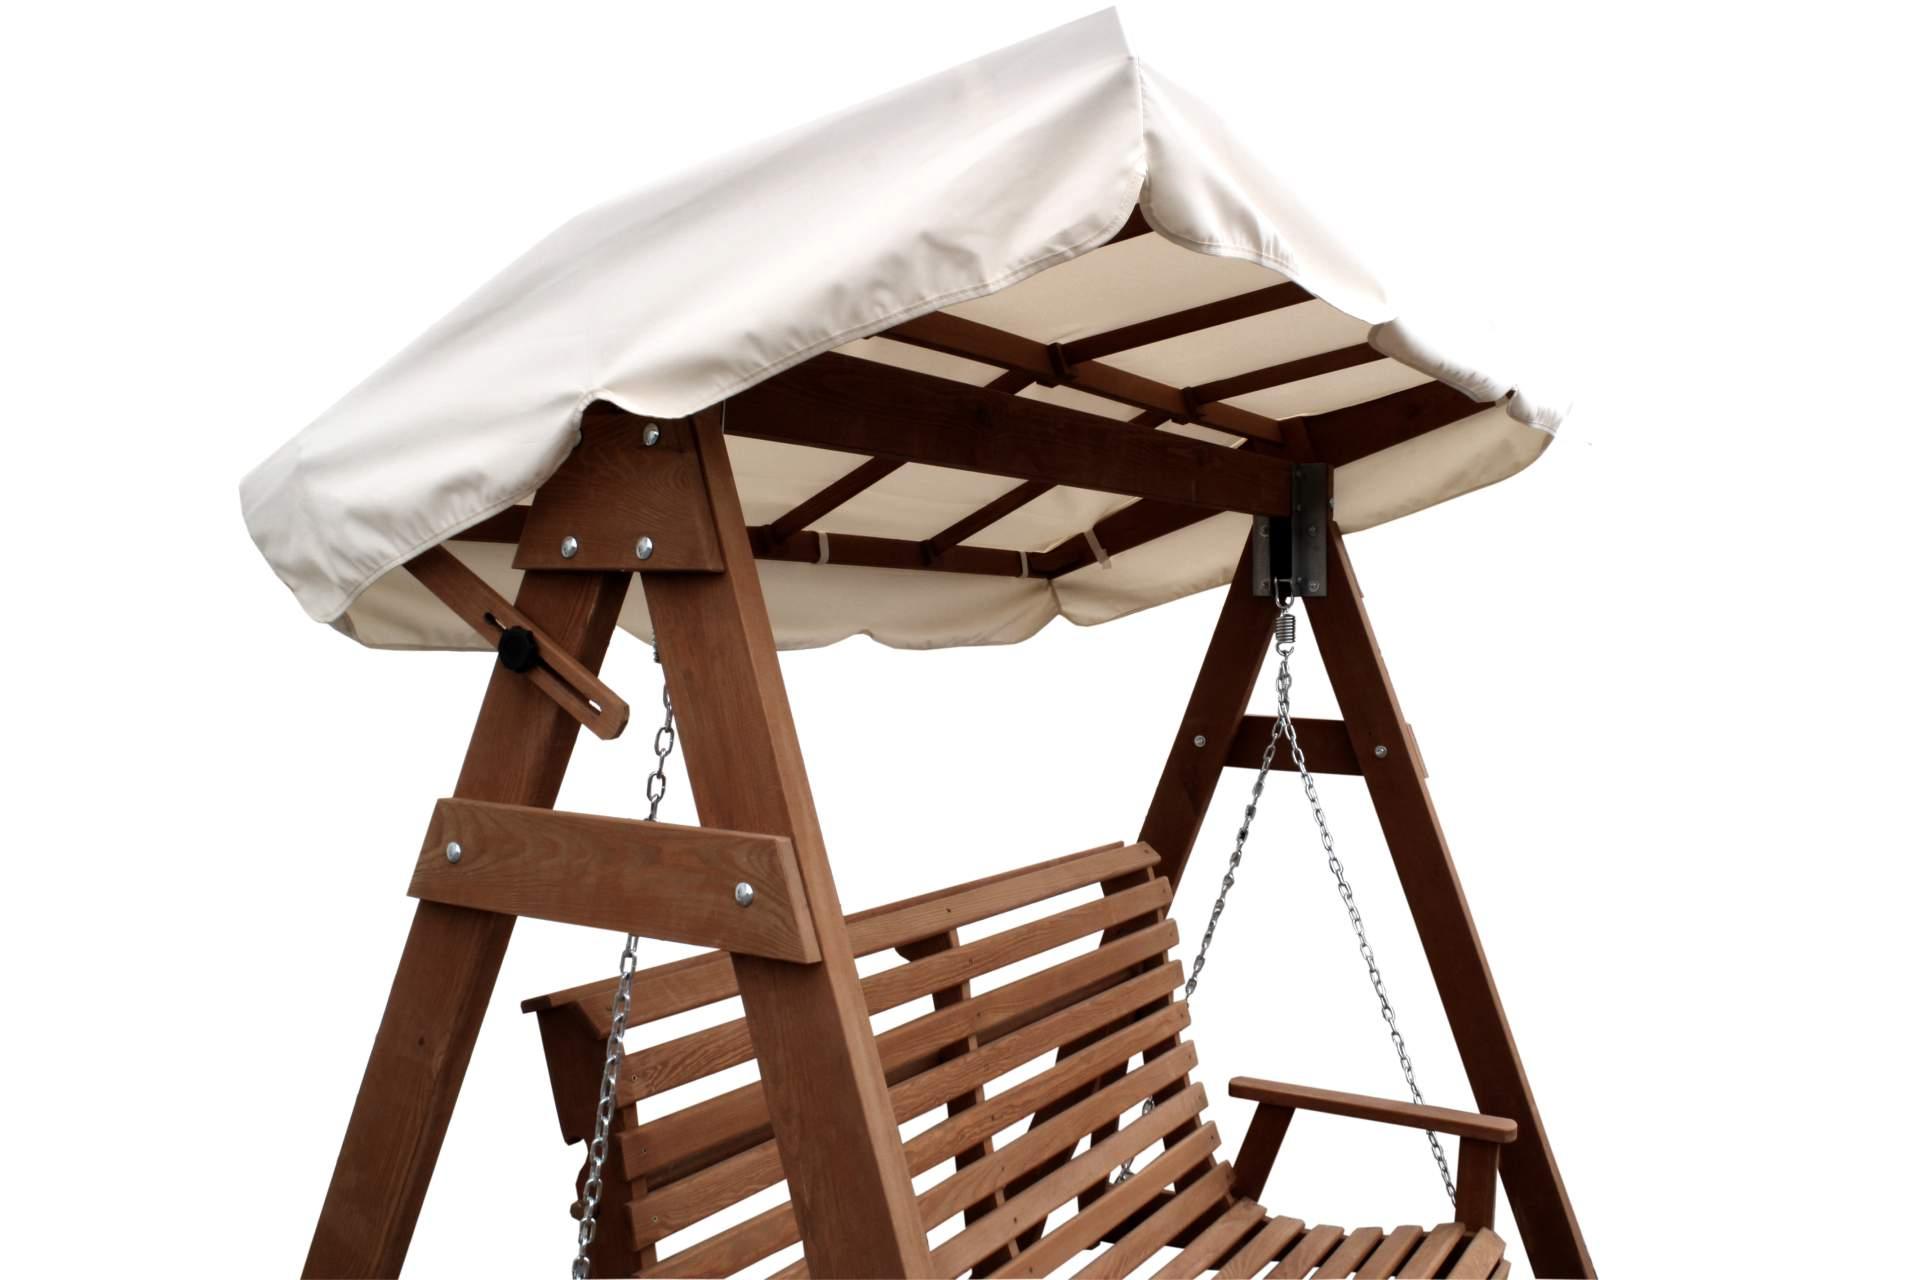 gartenschaukel hollywood schaukel inklusiv auflage schaukel holz garten liege ebay. Black Bedroom Furniture Sets. Home Design Ideas